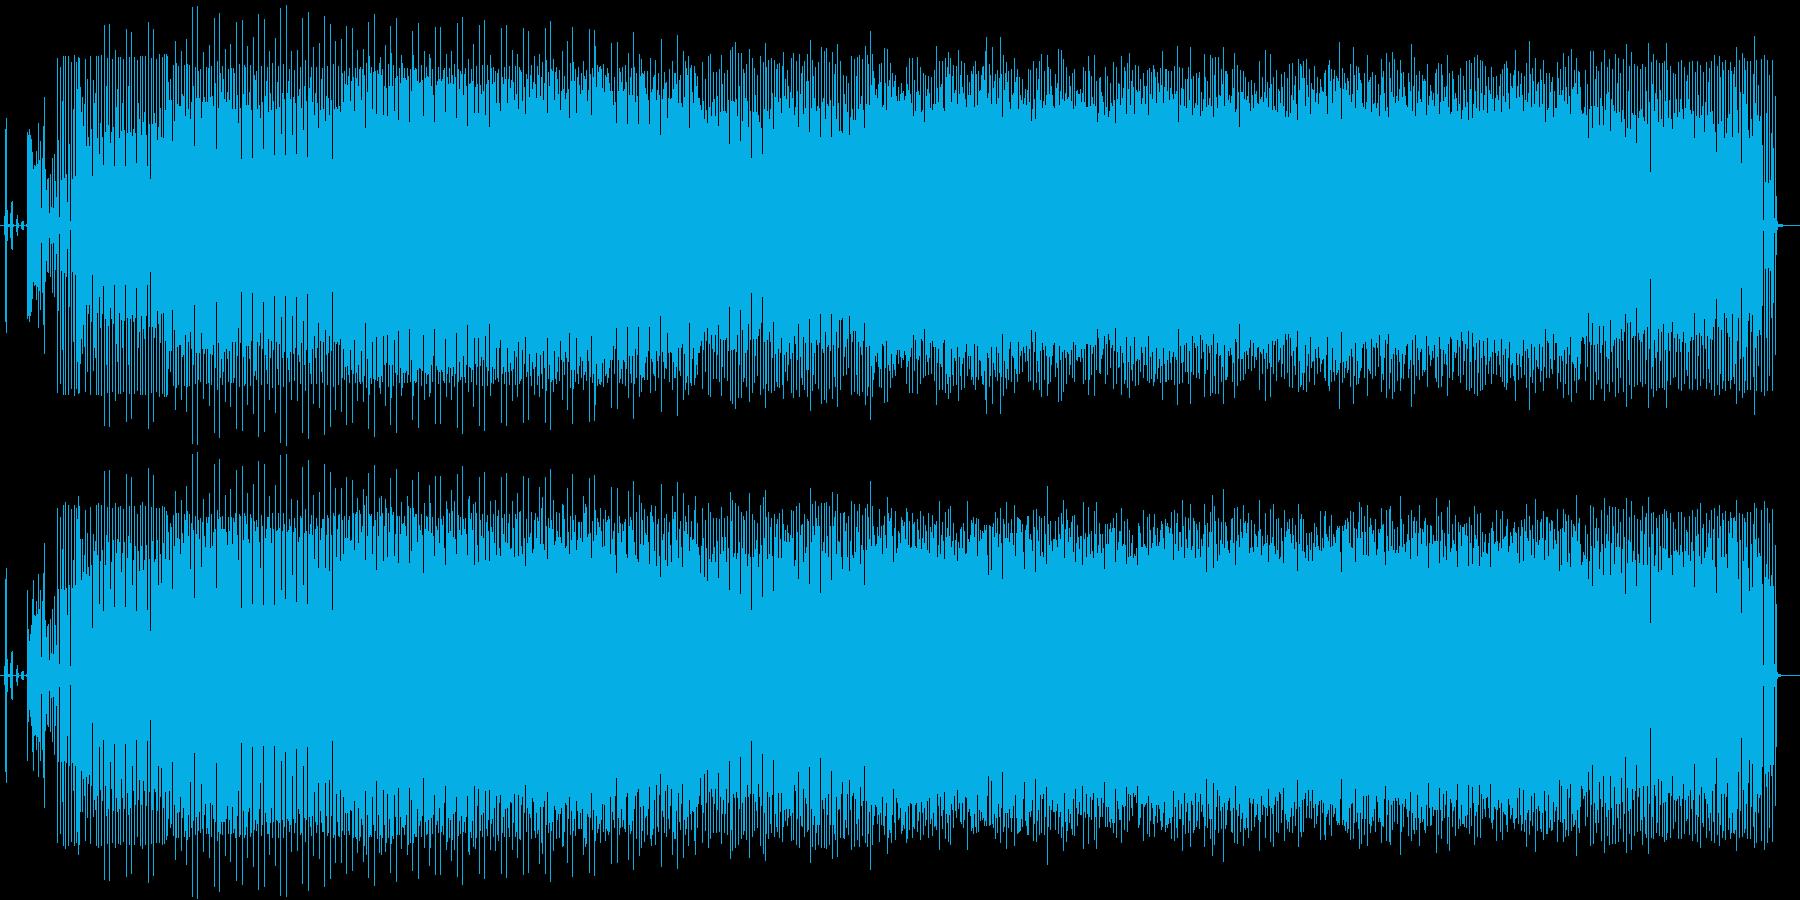 テンポの早いノイジーでテクノ系電子曲の再生済みの波形